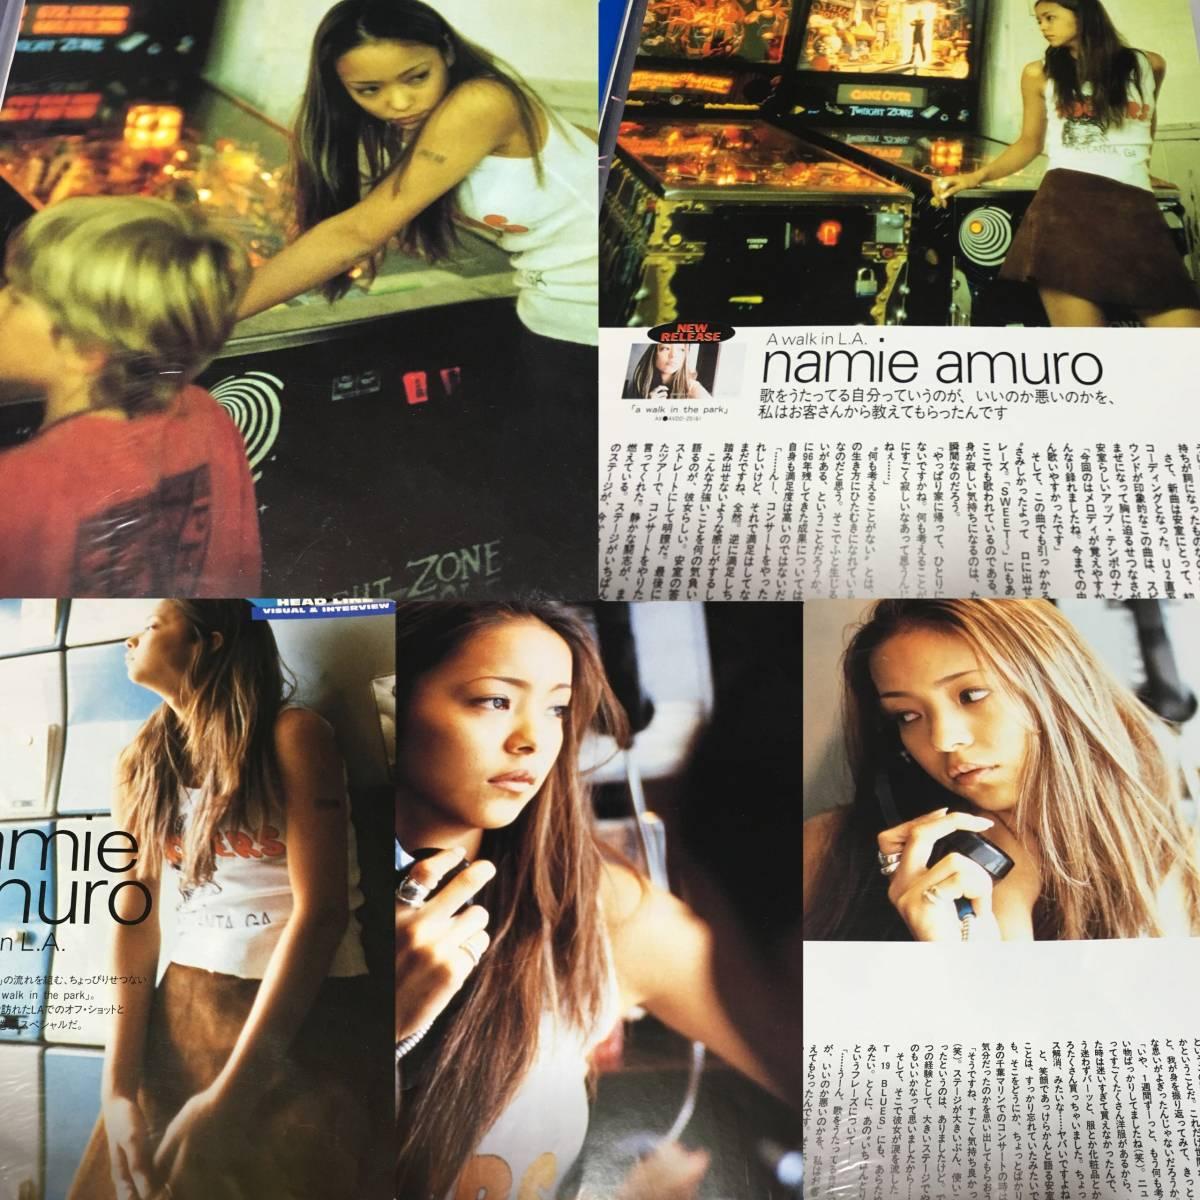 安室奈美恵 切り抜き 1997年1月 GIRLPOP 安室 雑誌 切抜き ガールポップ 5ページ